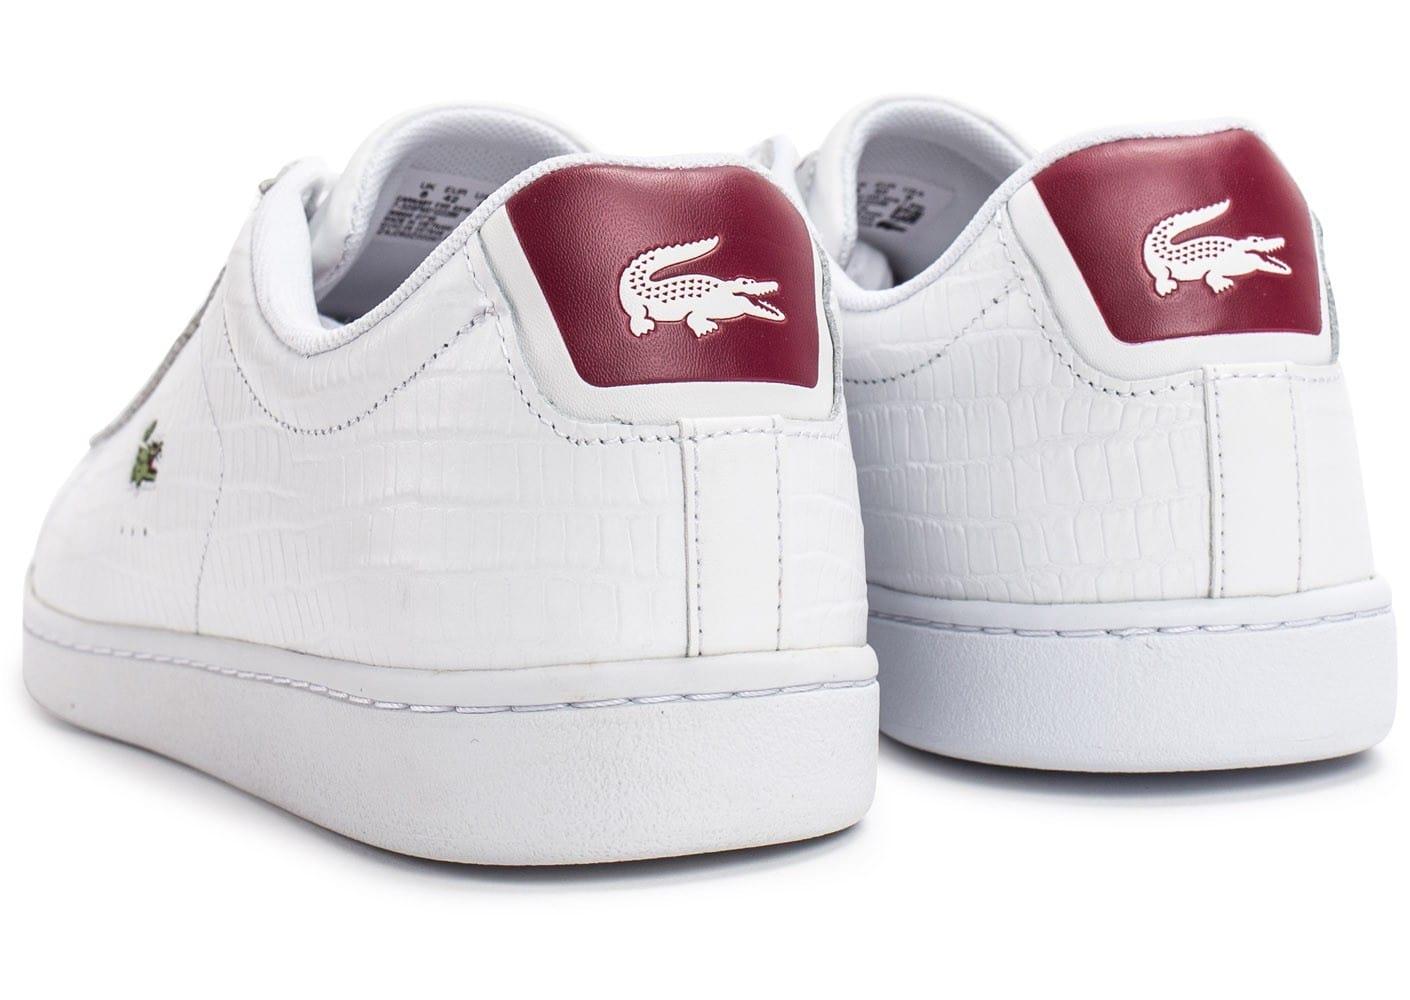 c8dc2e70a4 Lacoste - Light k bordeau - Chaussures mode ville - Bordeaux - Taille 39.  Chaussure Lacoste femme. Lacoste Avenir Slip 118 1 SPW, Baskets Femme